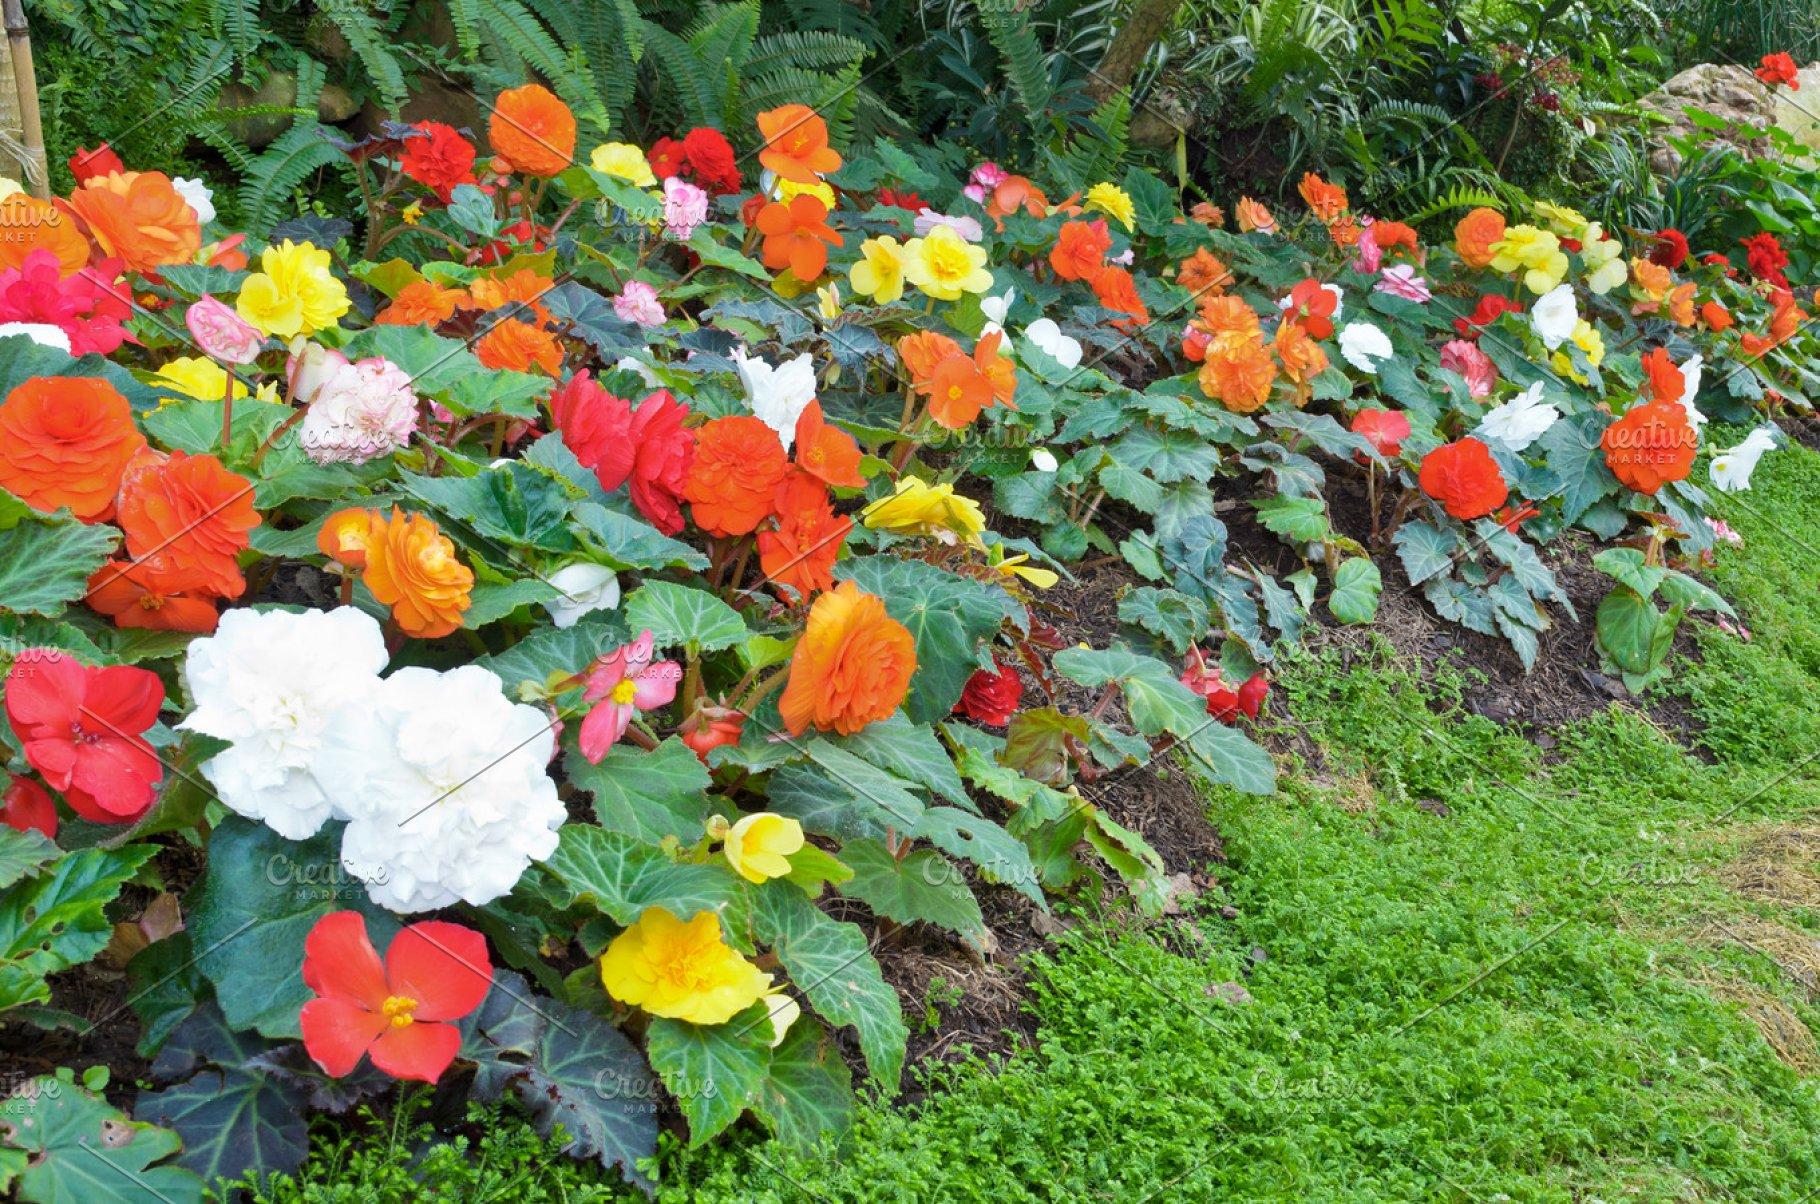 Begonia Garden High Quality Nature Stock Photos Creative Market